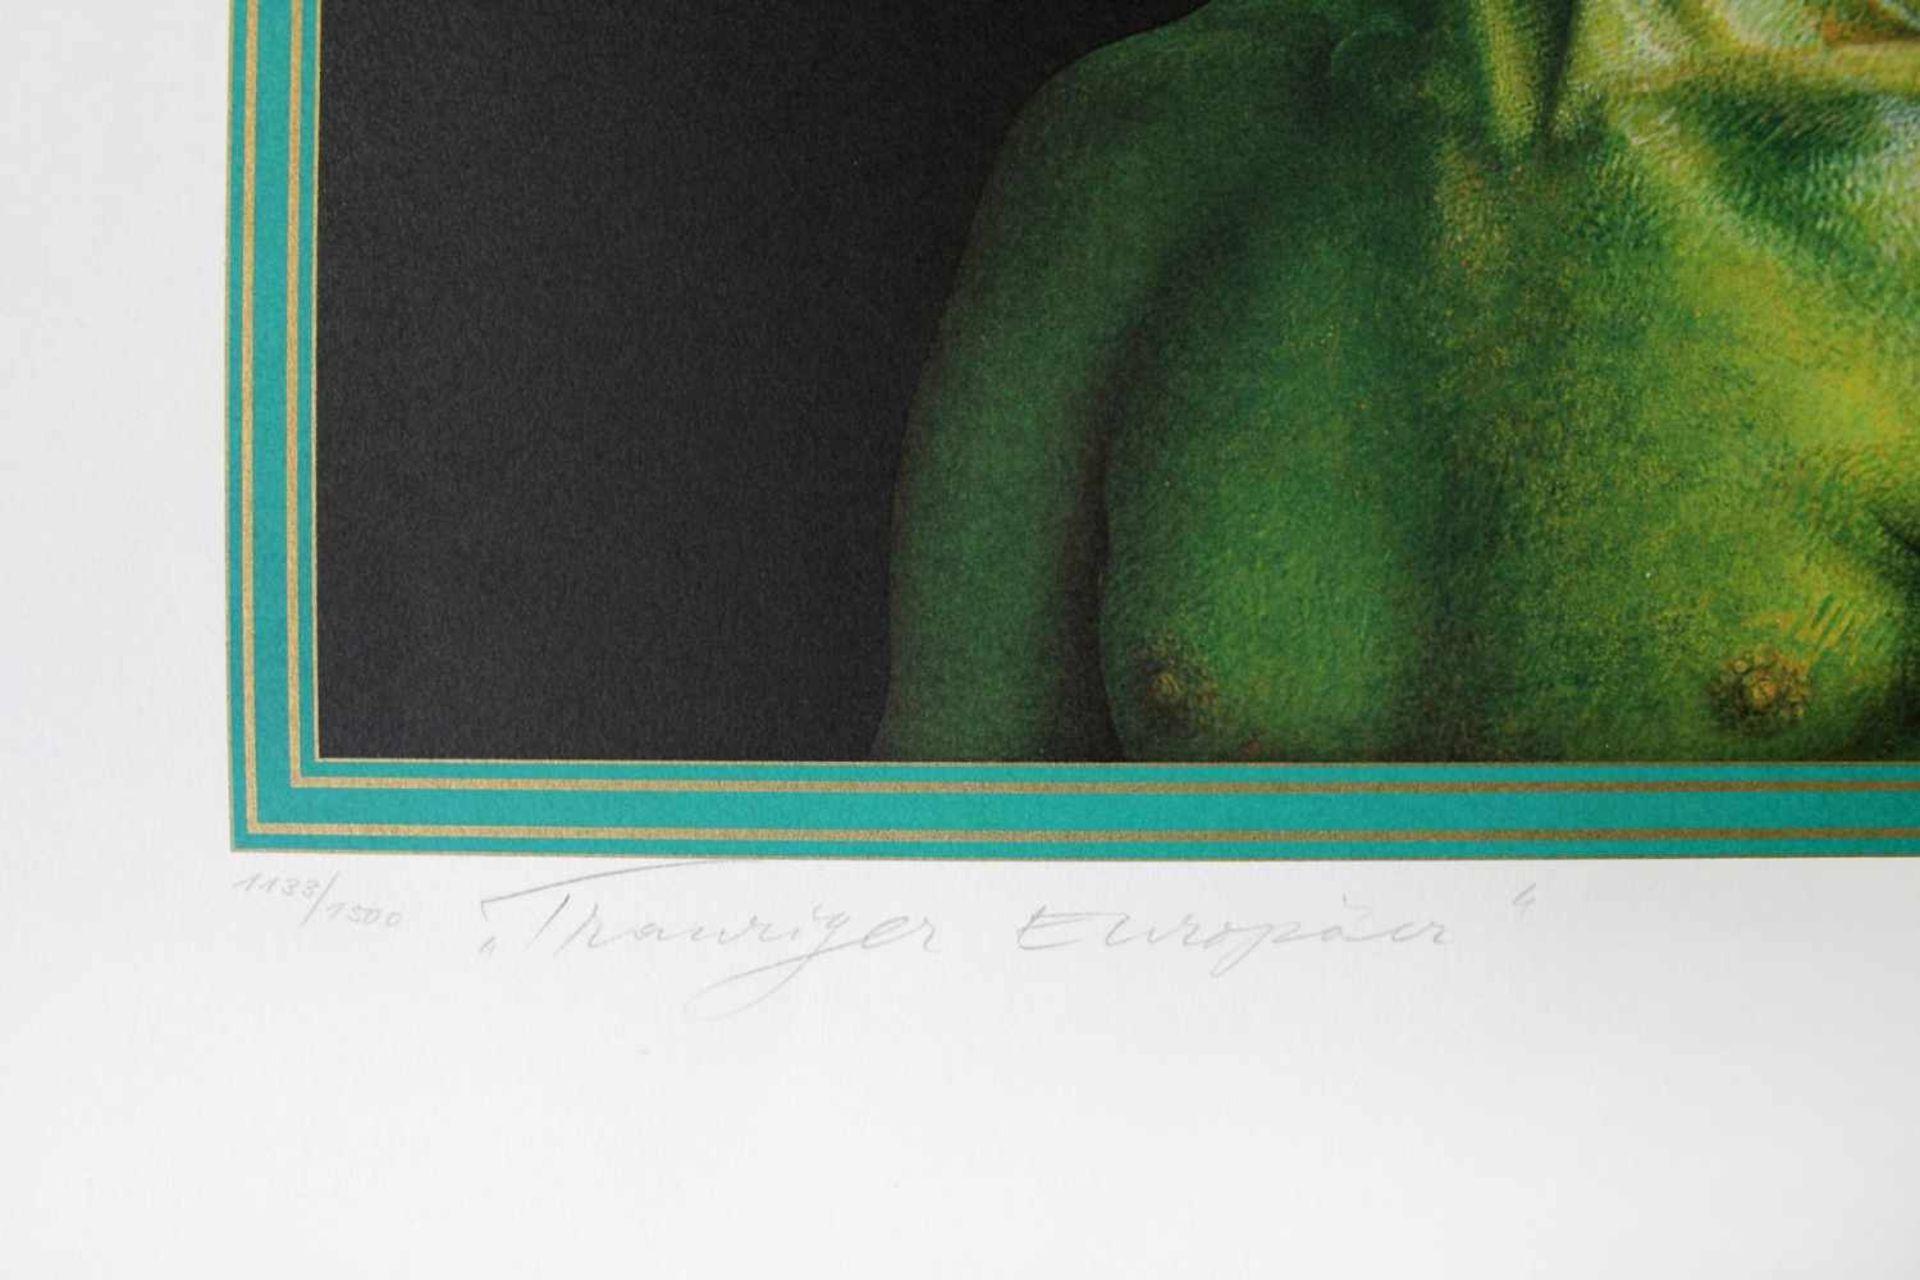 Rudolf Hausner 1914 - 1995 Trauriger Europäer Farbserigraphie handsigniert, betitelt und - Bild 4 aus 4